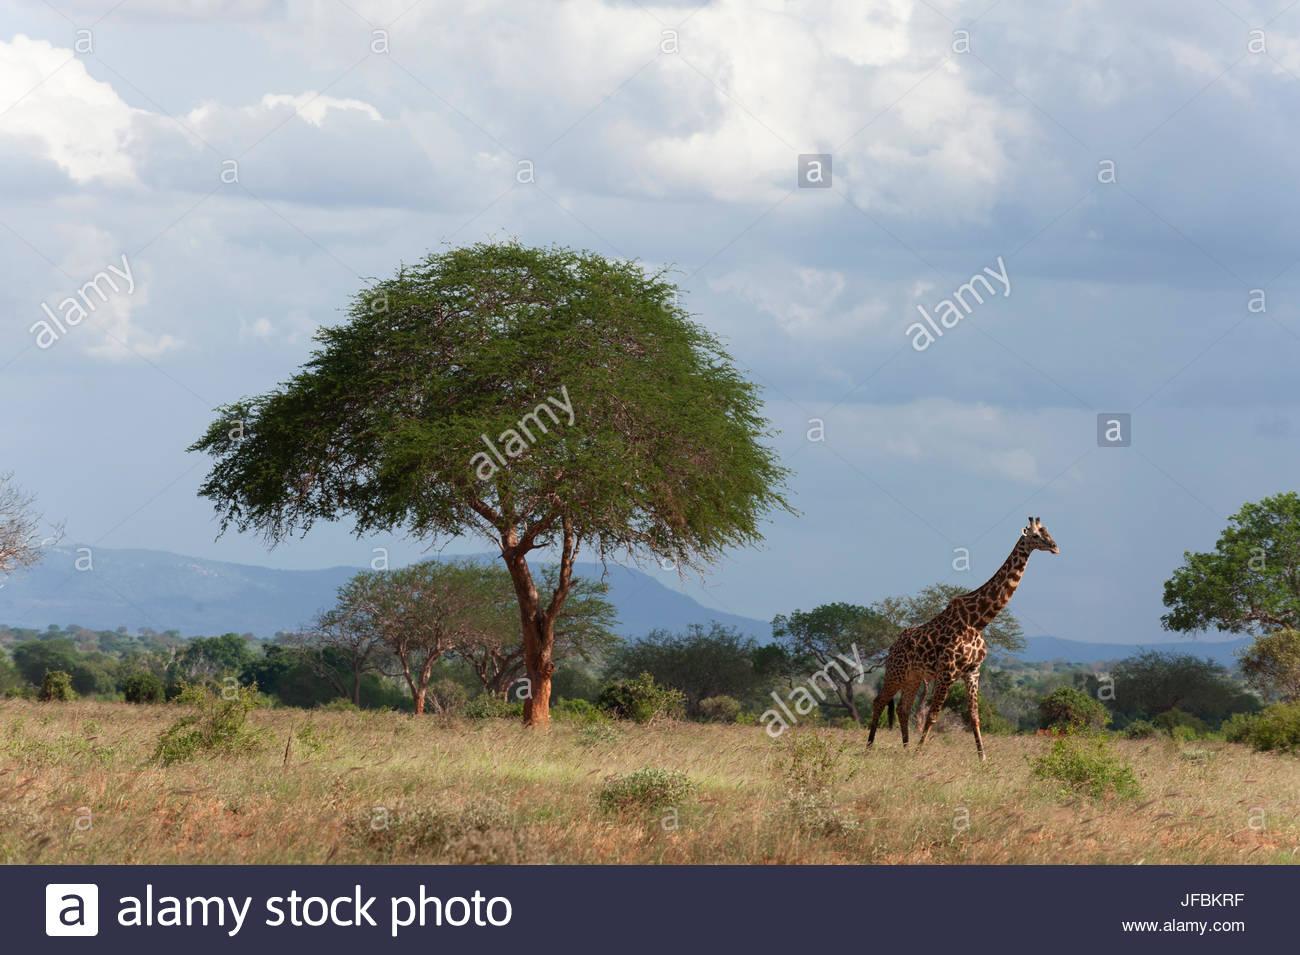 A giraffe, Giraffa camelopardalis, walking in the savanna among acacia trees. - Stock Image